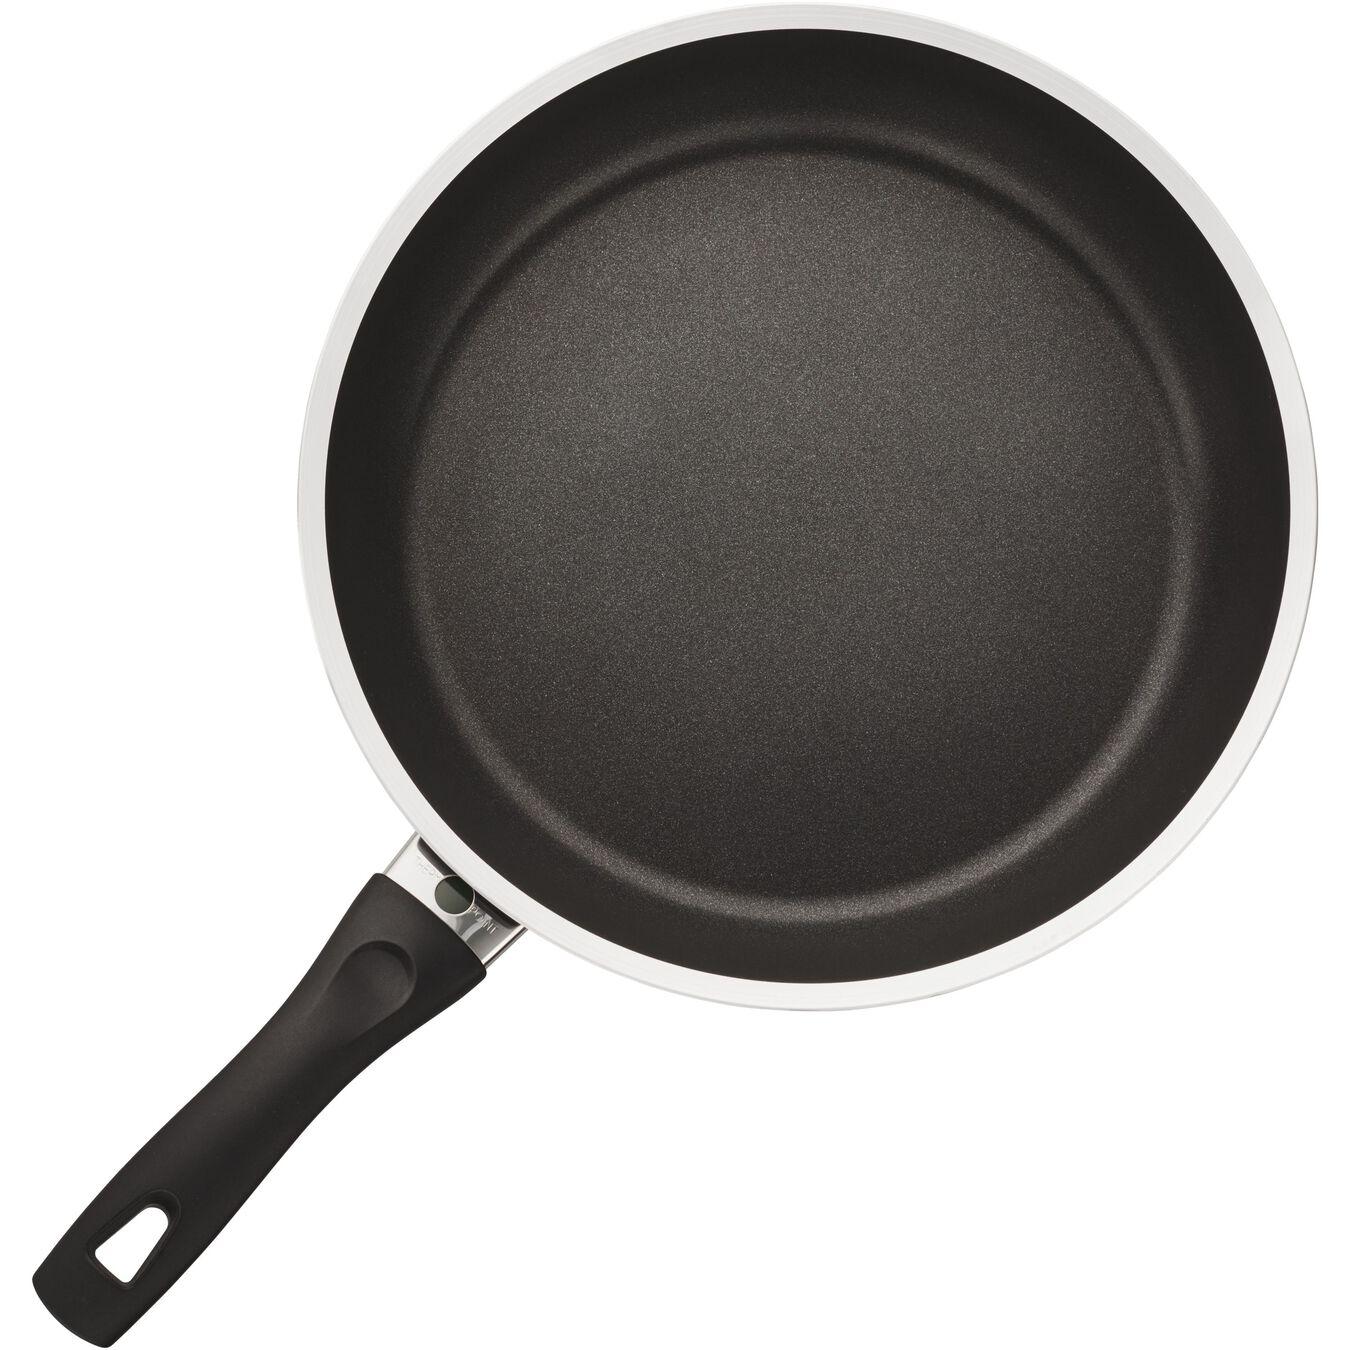 2-pc Nonstick Fry Pan Set,,large 3